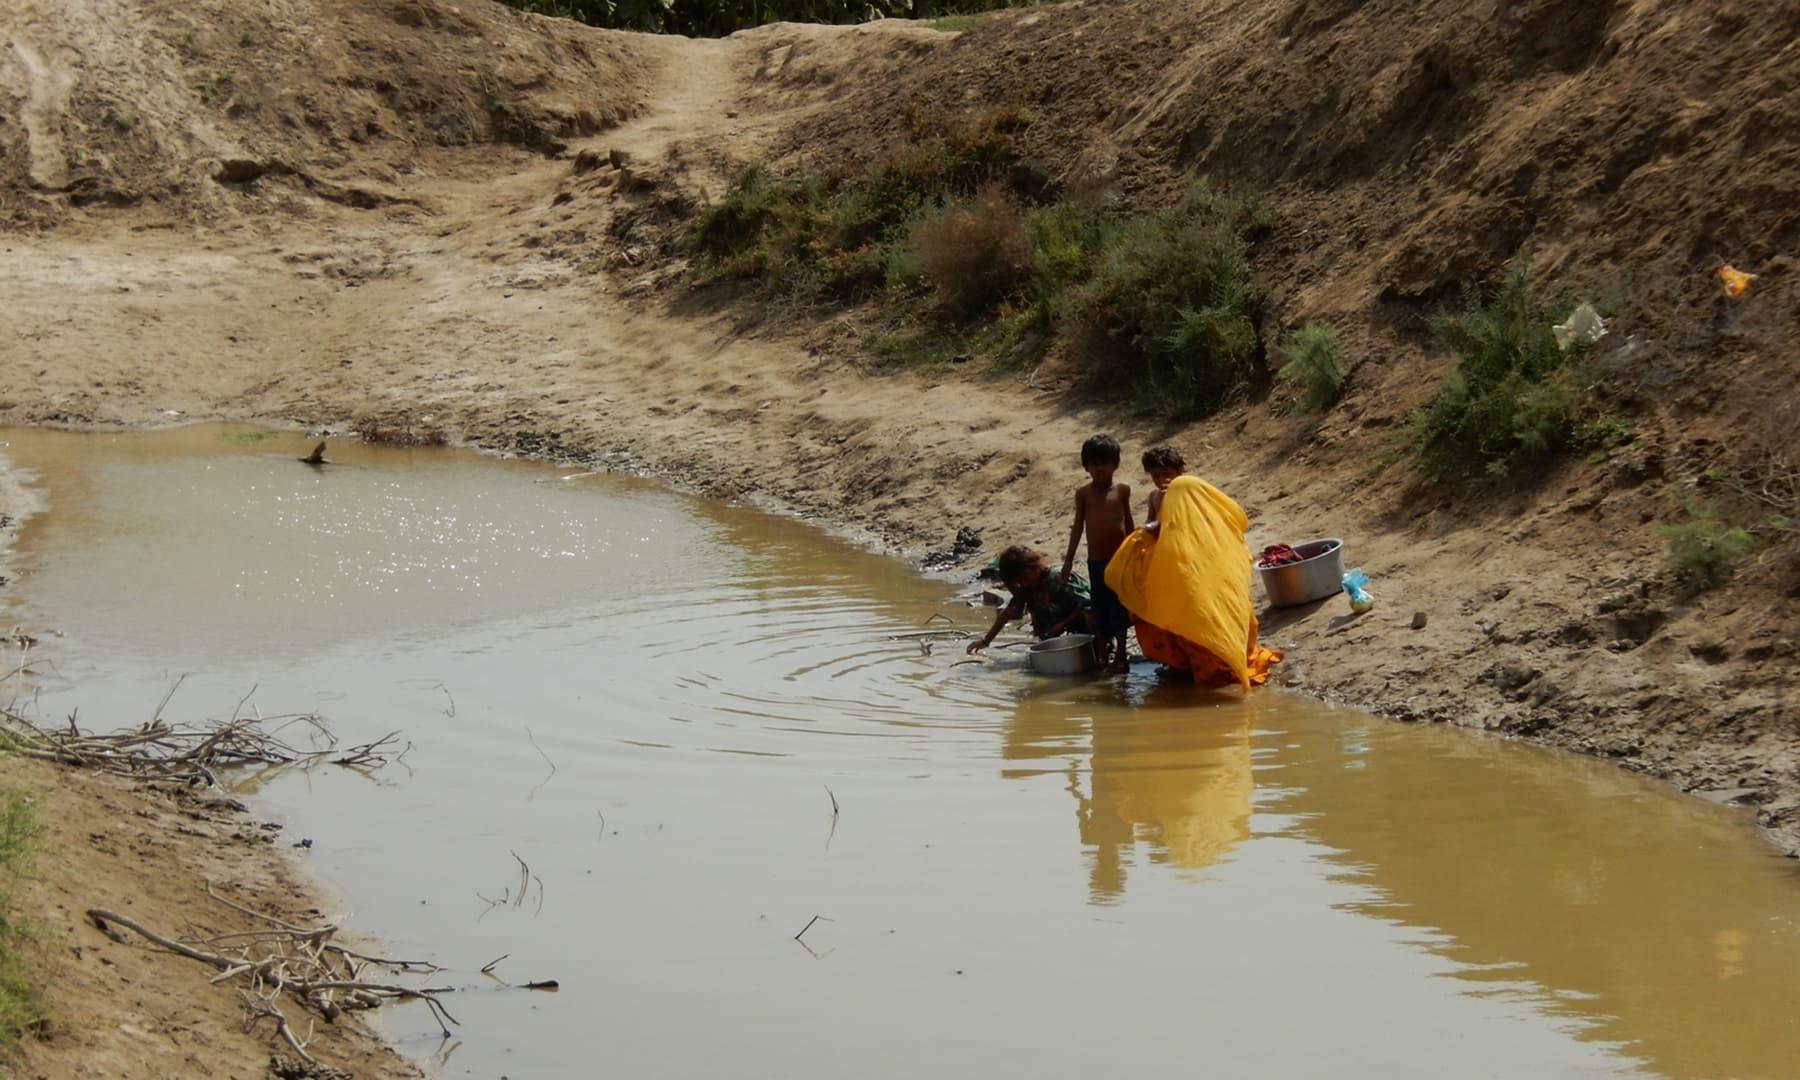 خشک ہوتا تالاب، جس میں بچے نہا رہے ہیں— تصویر ابوبکر شیخ